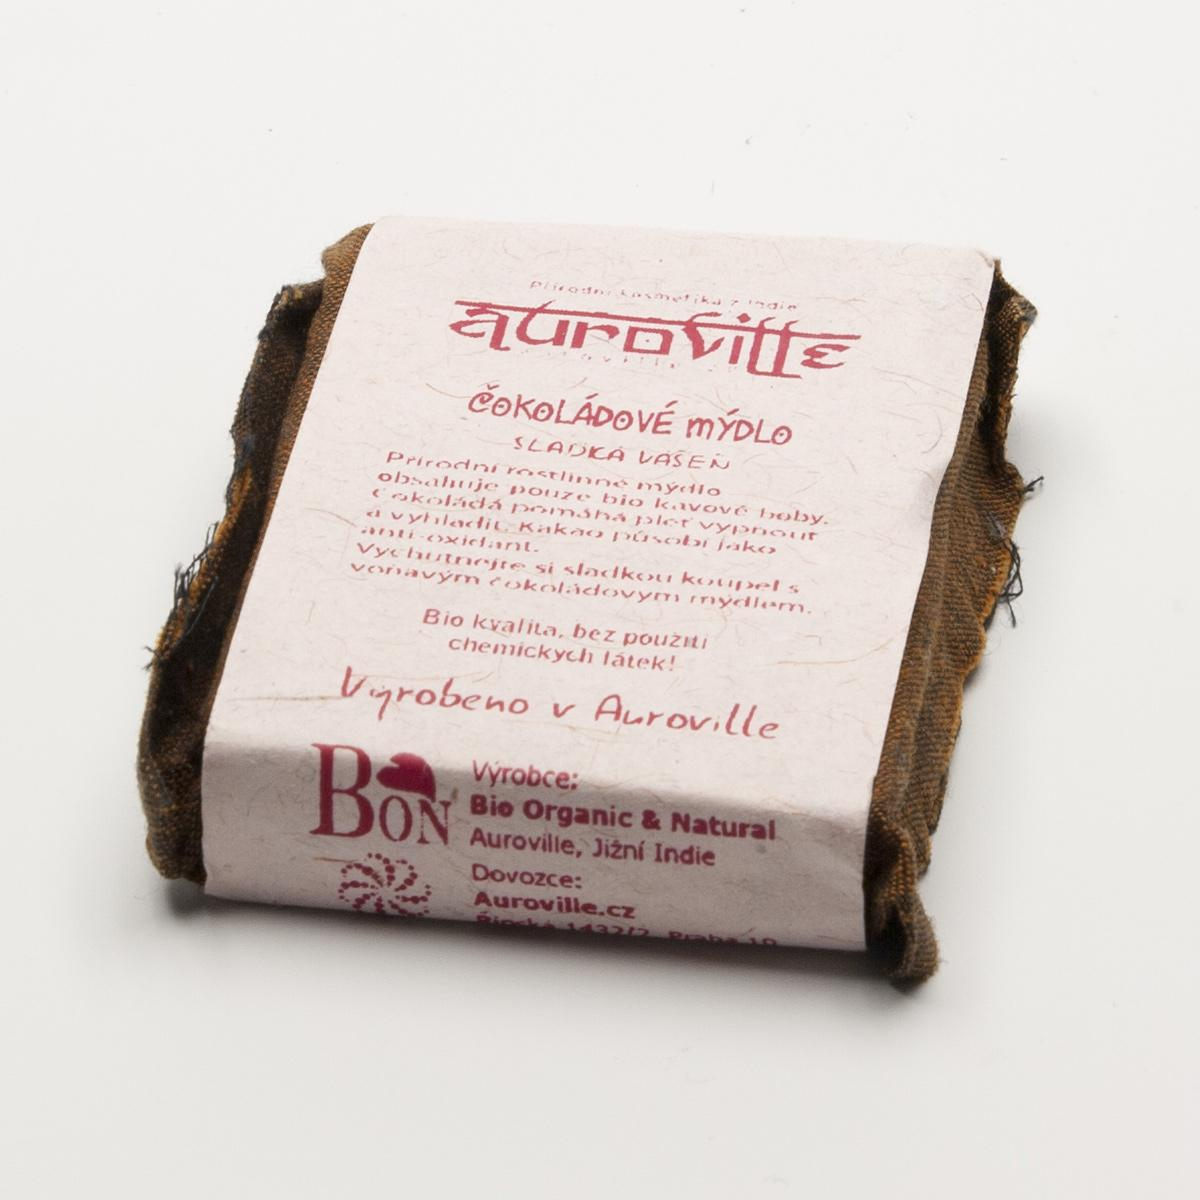 Auroville Mýdlo čokoládové, Bon Auroville 50 g